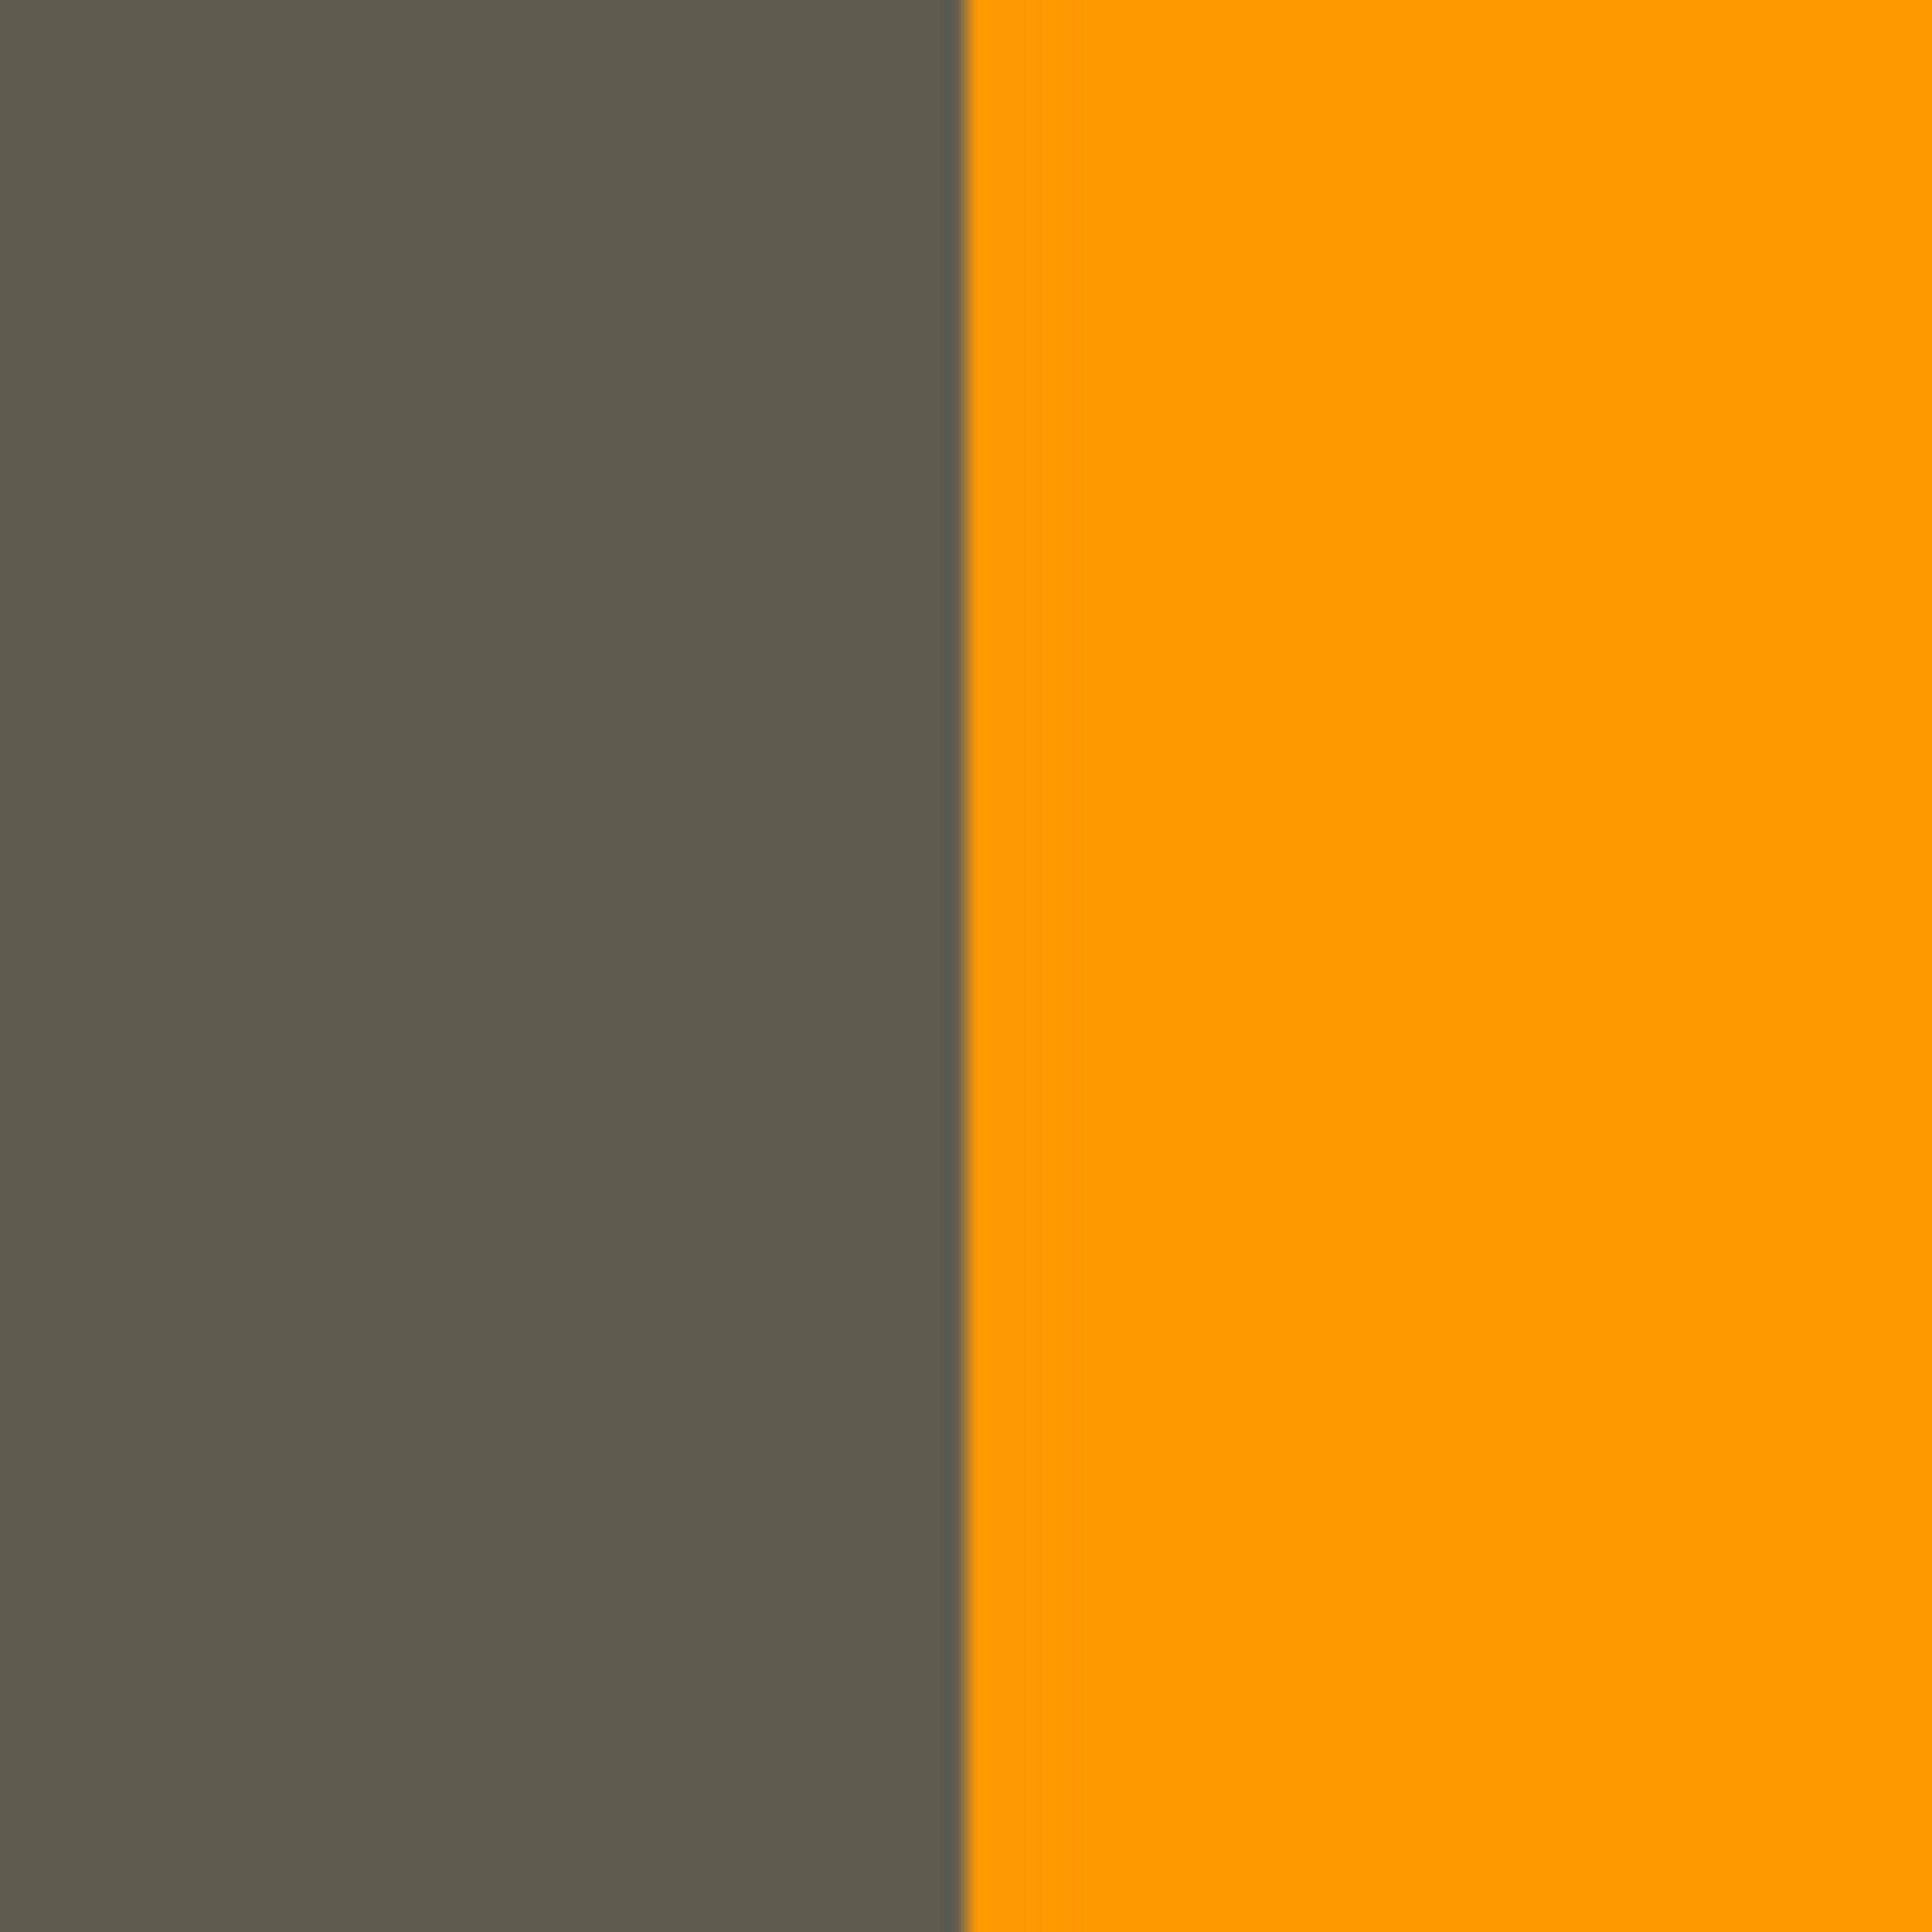 Orange-grün